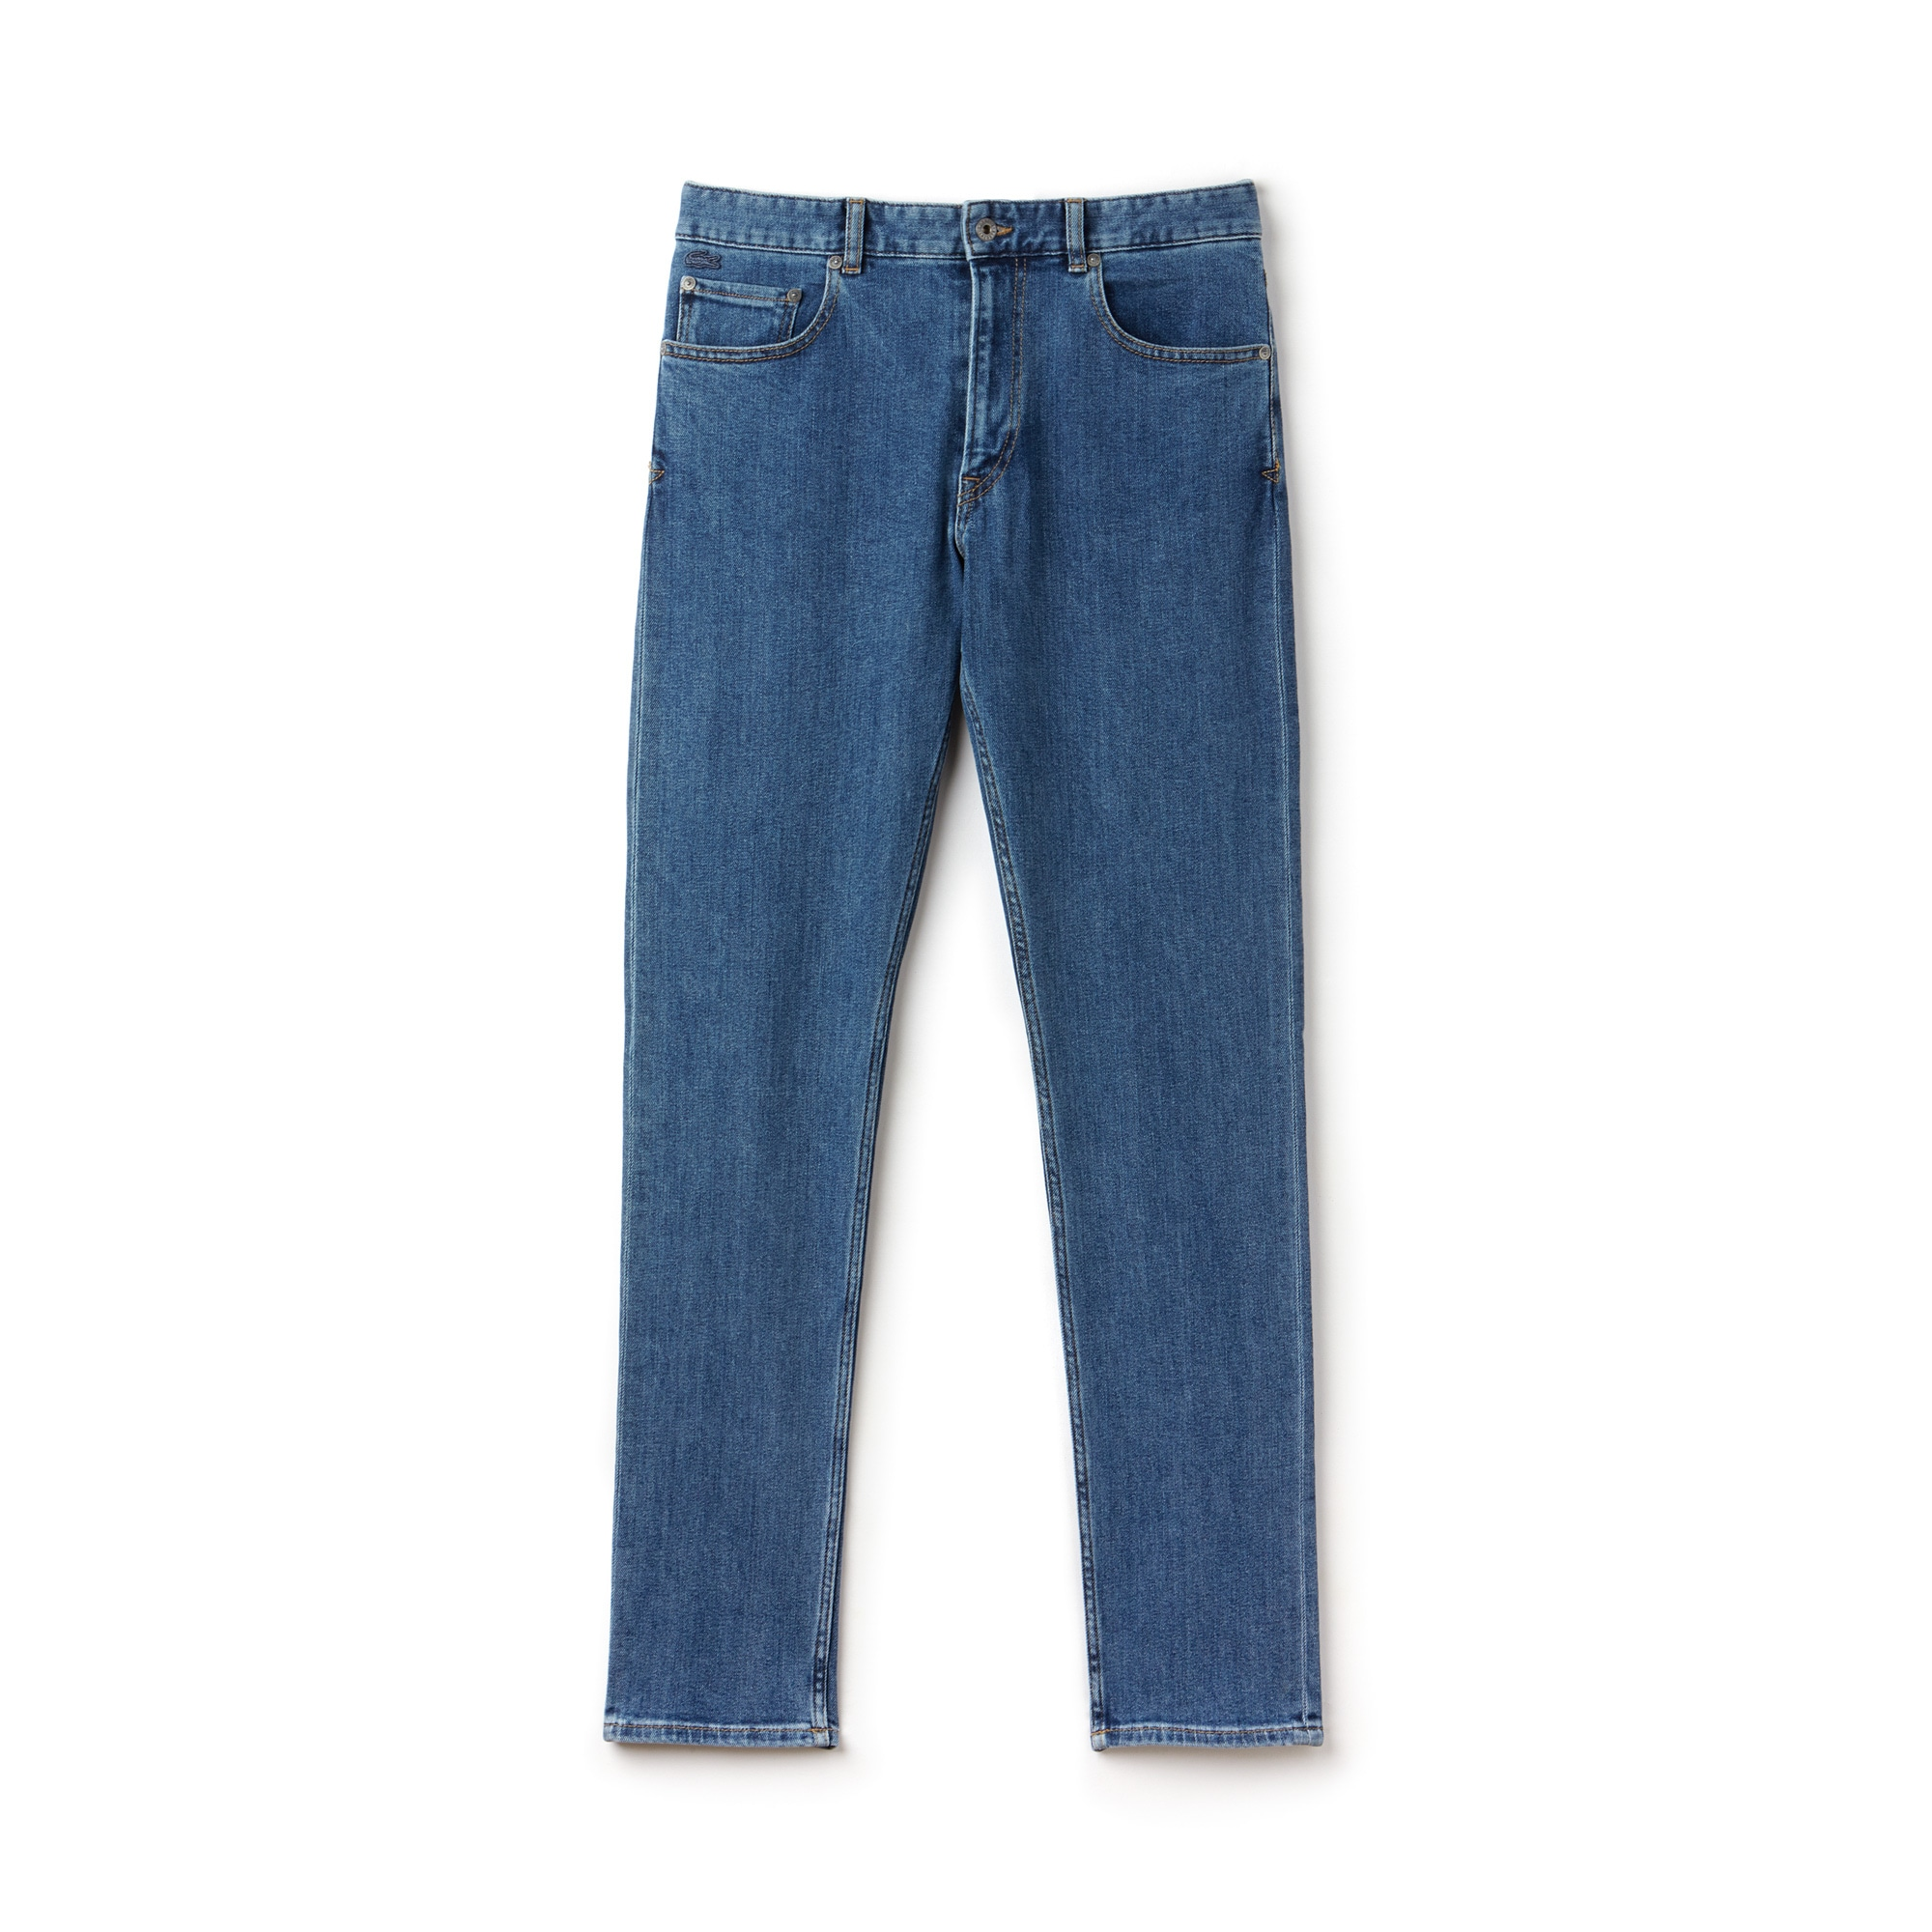 Calças de ganga 5 bolsos slim fit em ganga de algodão stretch